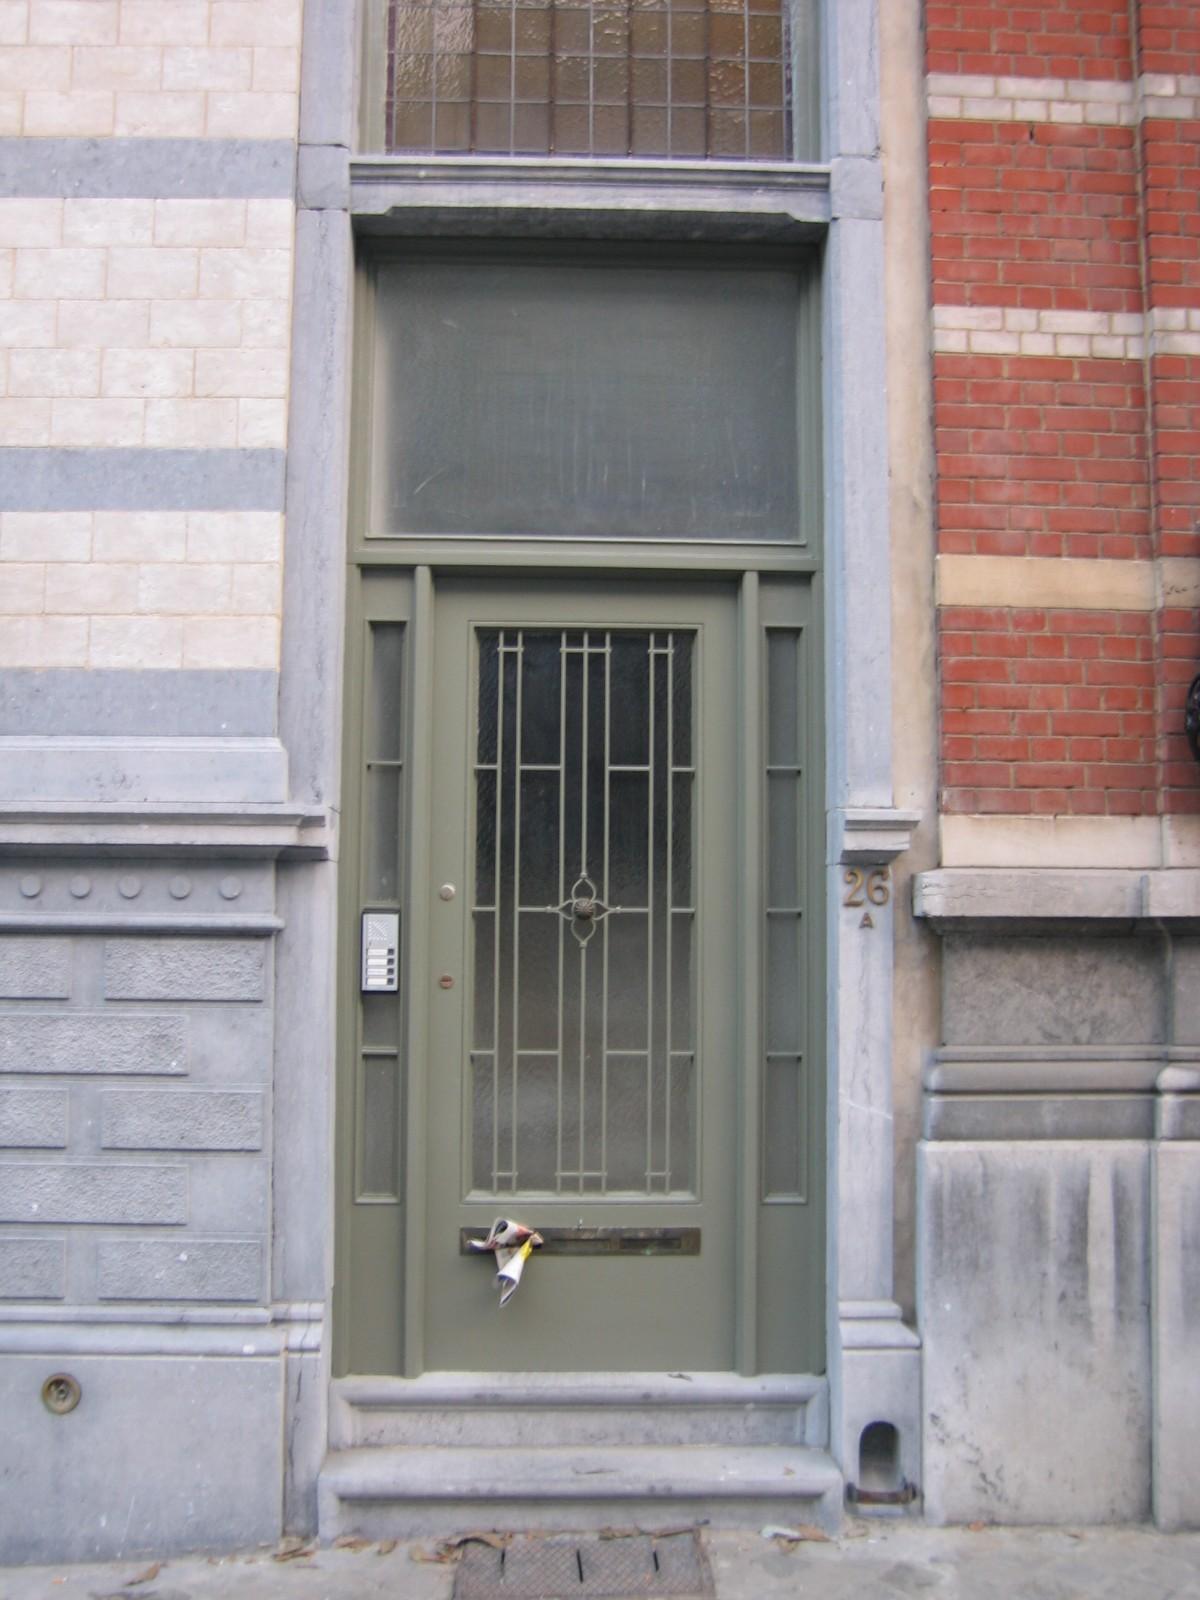 Rue Henri Wafelaerts 26, maison de 1902 avec porte de 1948 par les arch. J. Lambeaux et Antoine Pompe., 2004